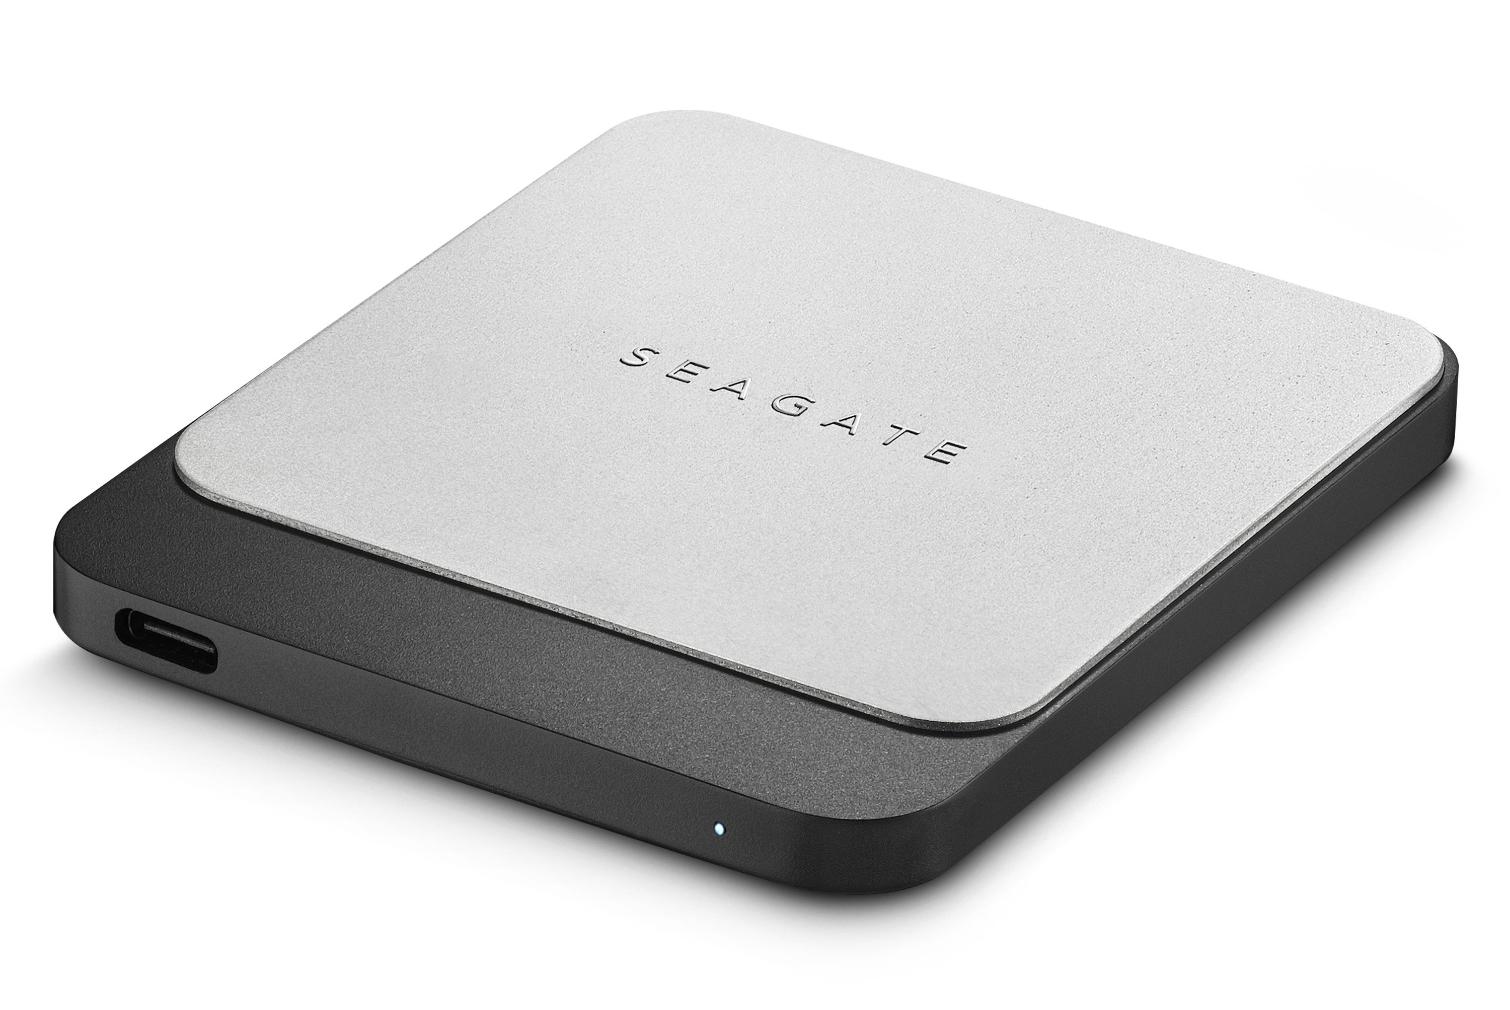 Seagate Fast SSD External SSD Drive